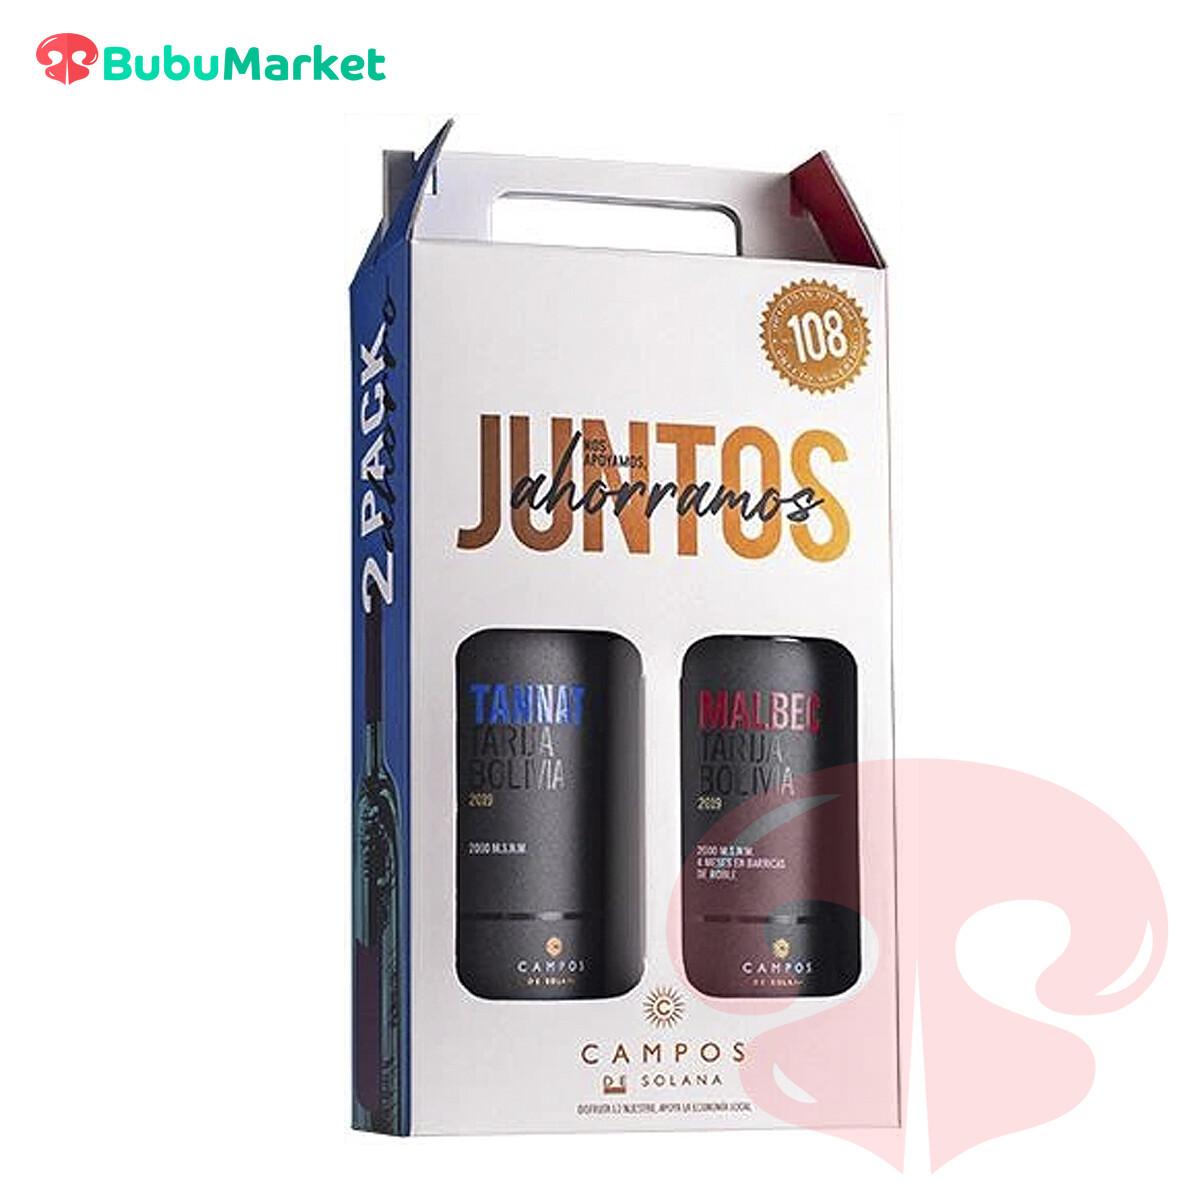 PACK AHORRO (TANNAT + MALBEC) CAMPOS DE SOLANA 750 CC.